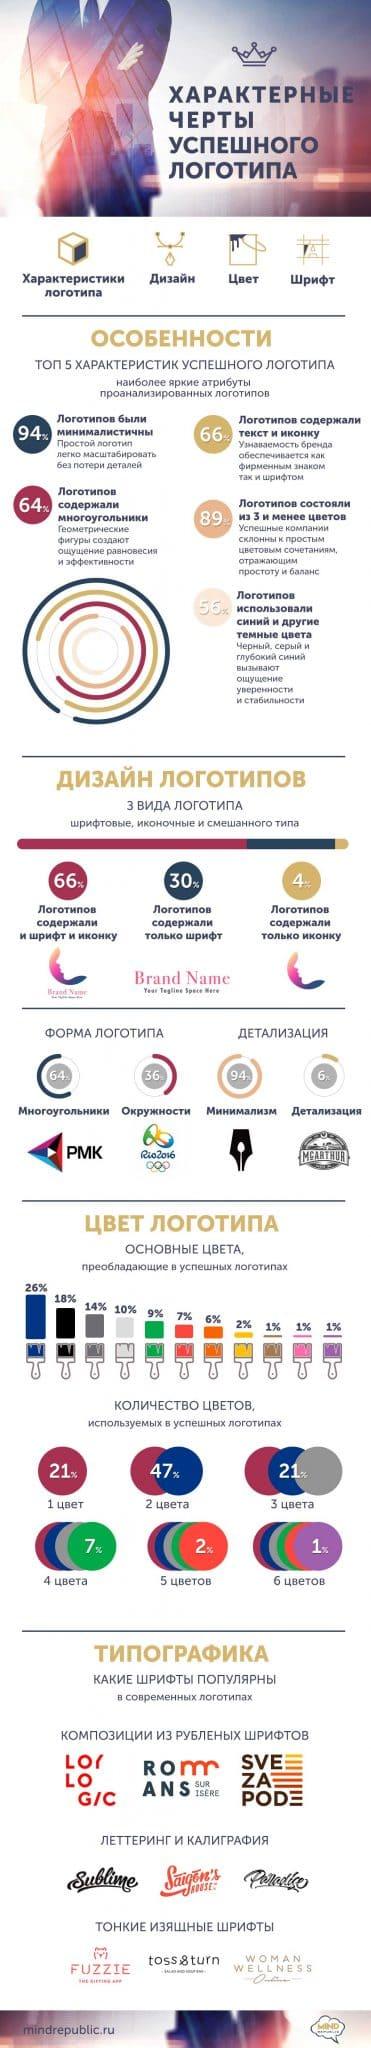 Дизайн логотипа. Как определить успешность логотипа. Инфографика